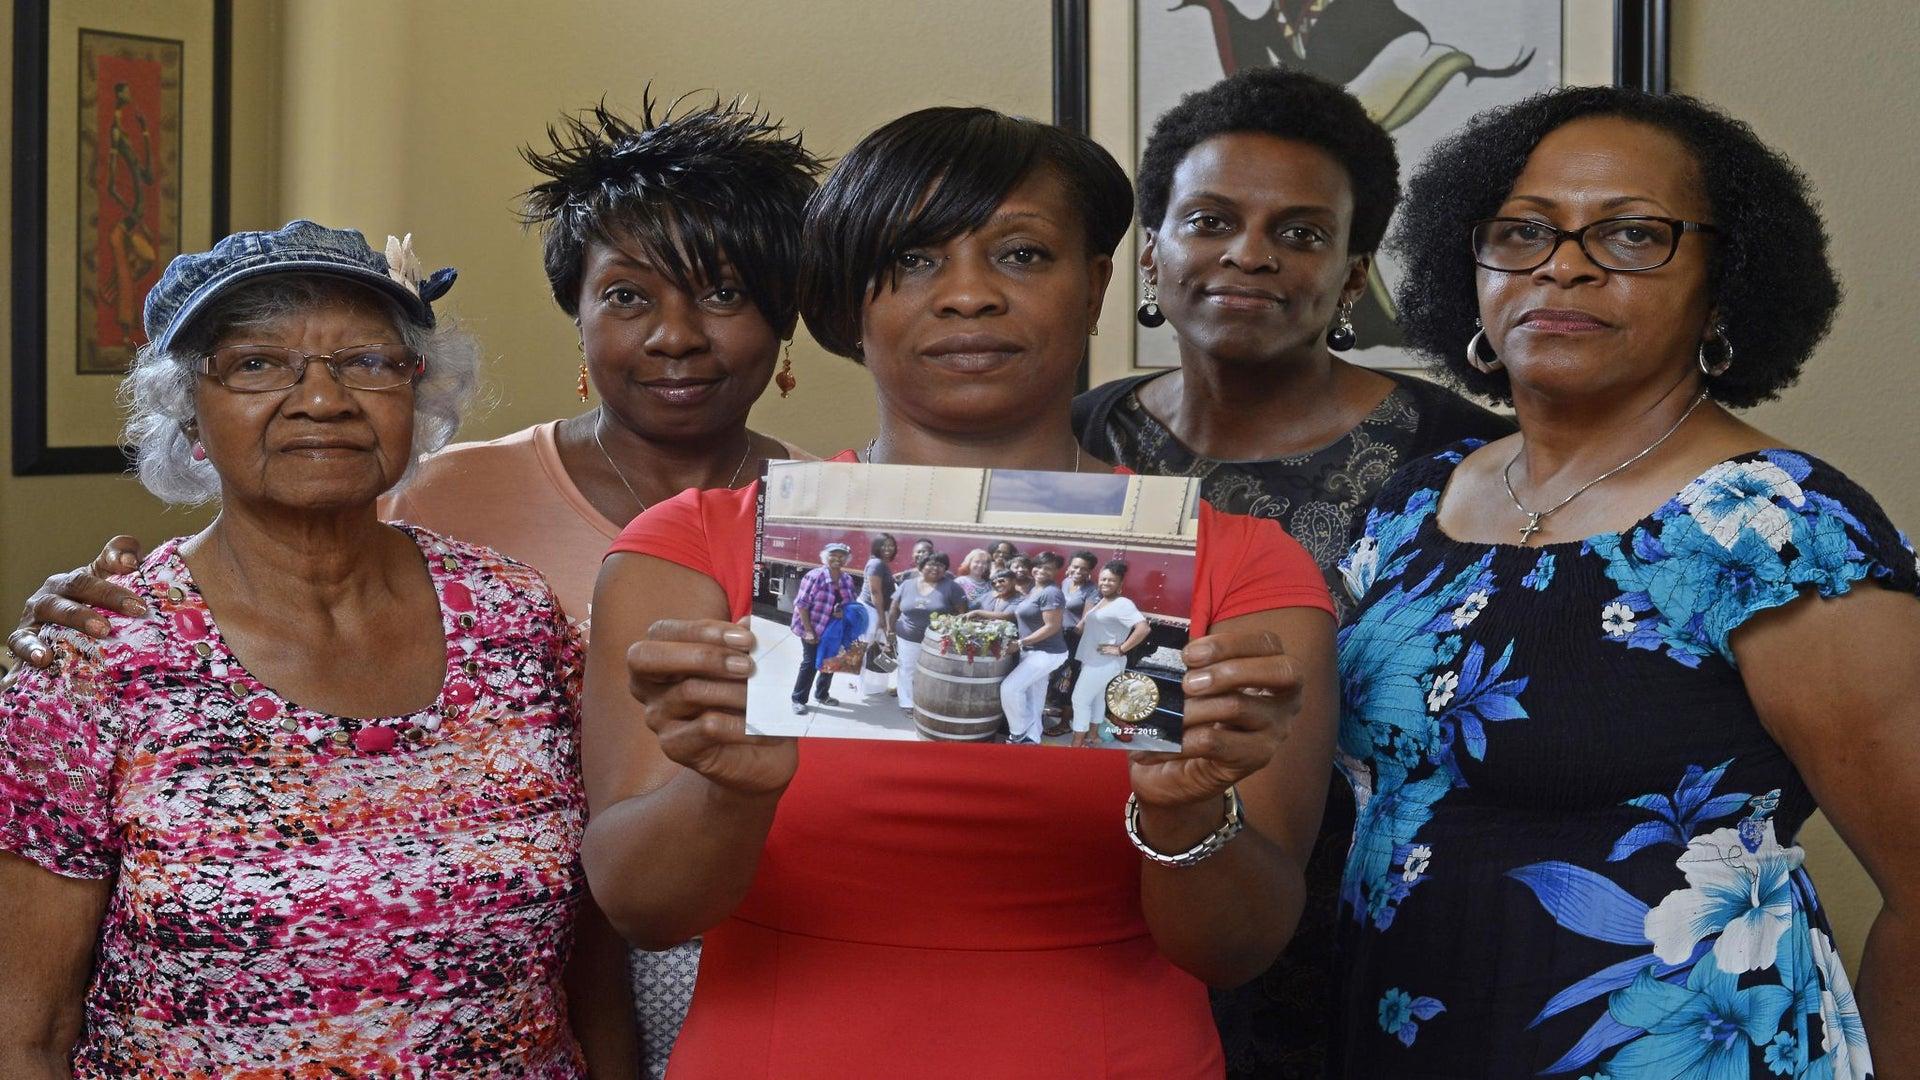 Group of Black Women Kicked Off of Napa Wine Train Settle Lawsuit